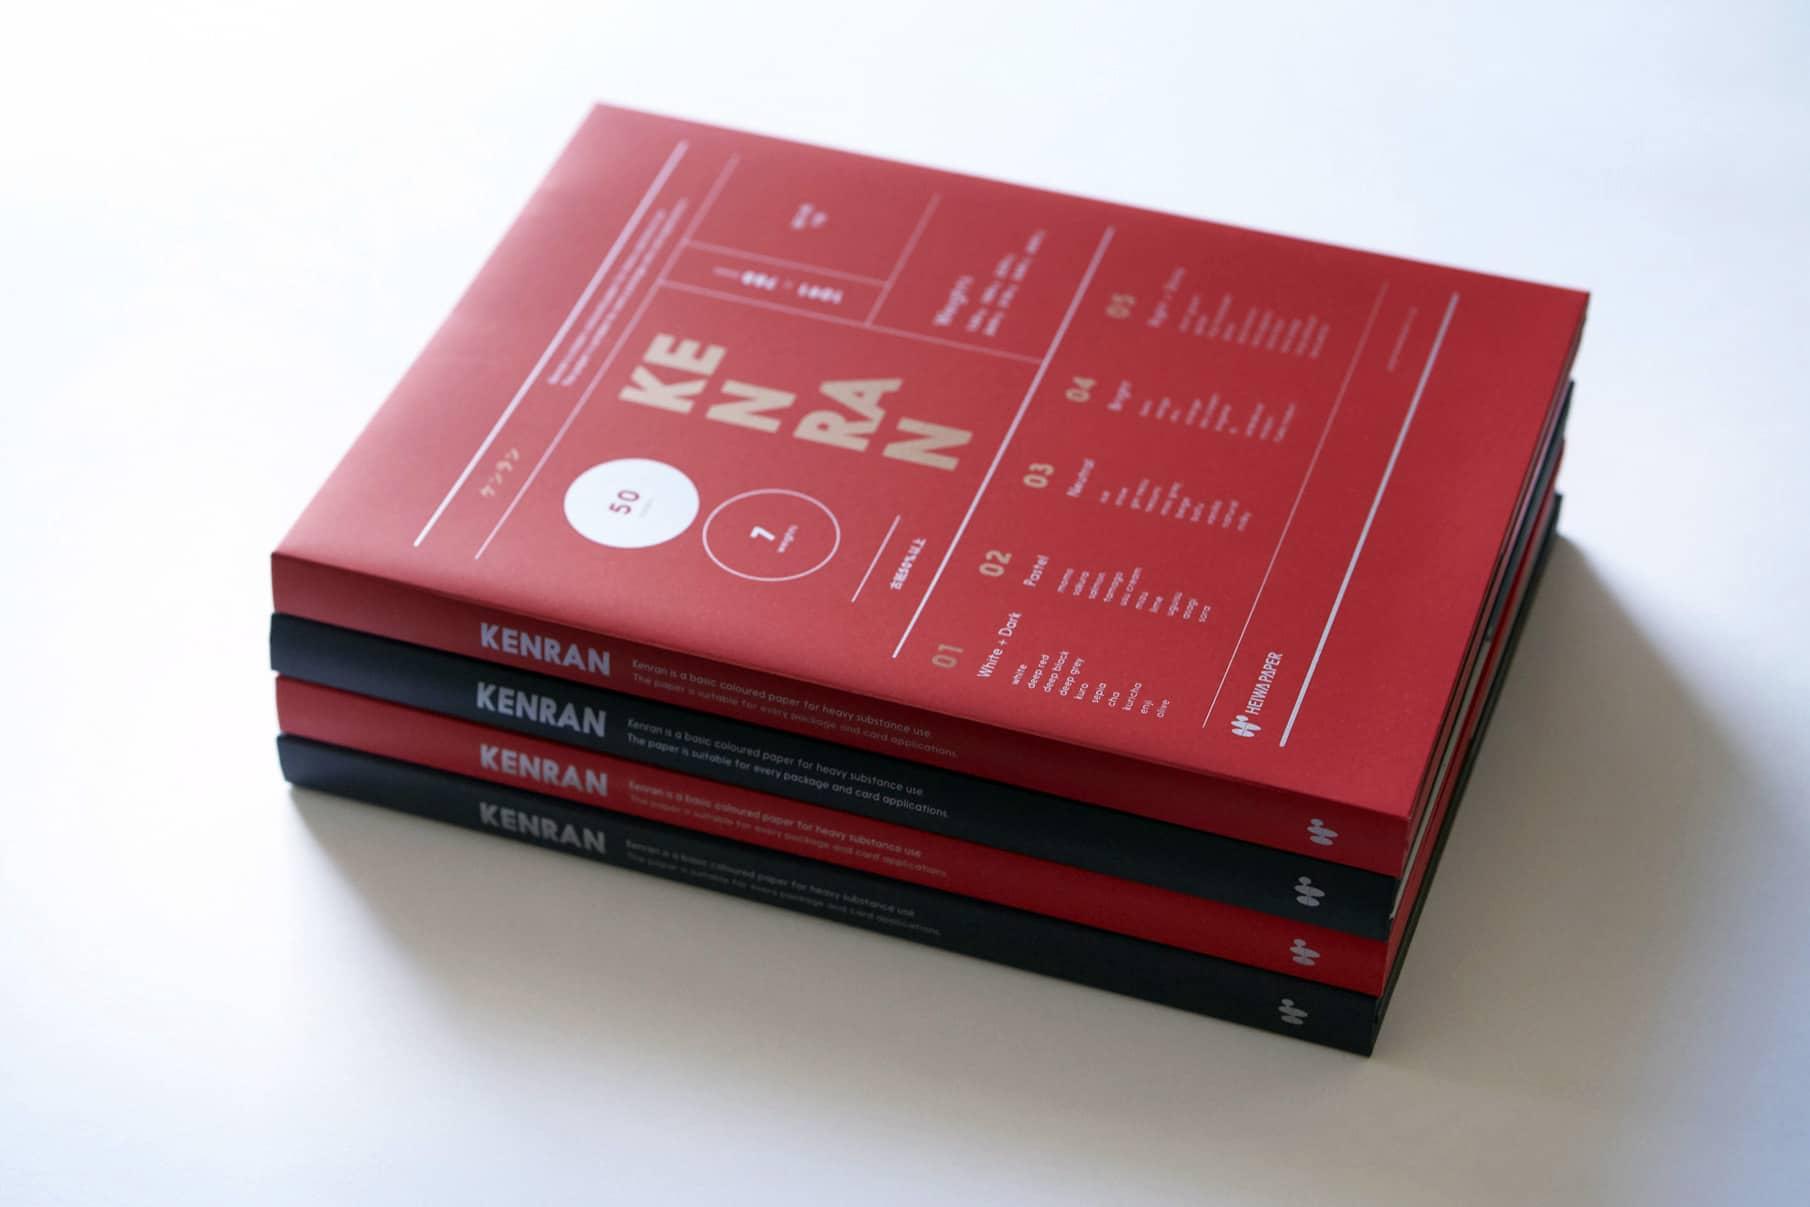 KENRAN - Promotion Book 1